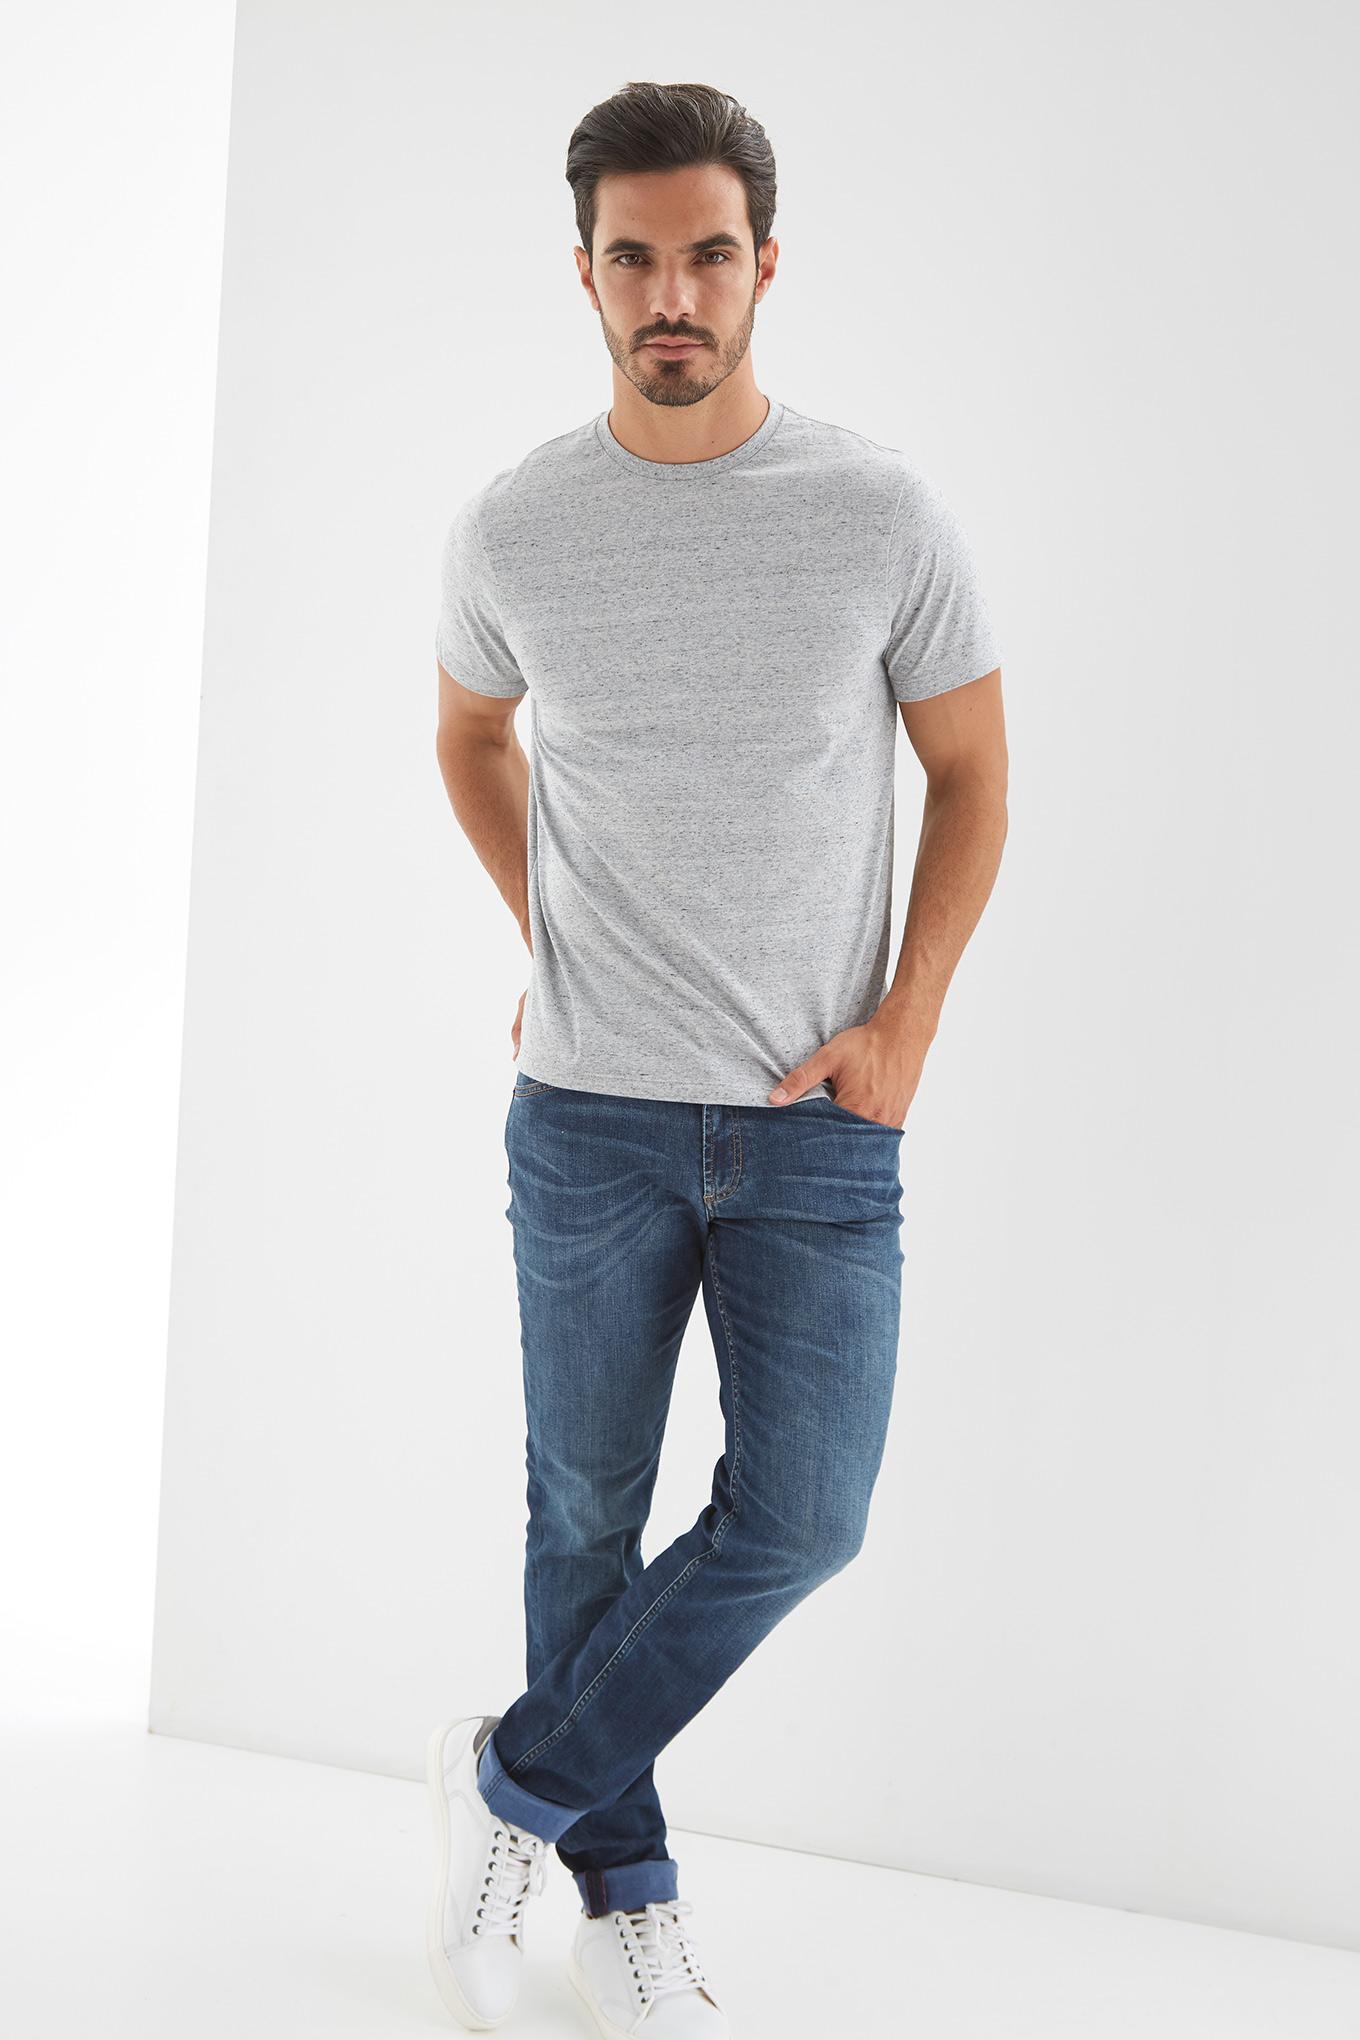 T-Shirt Light Grey Sport Man